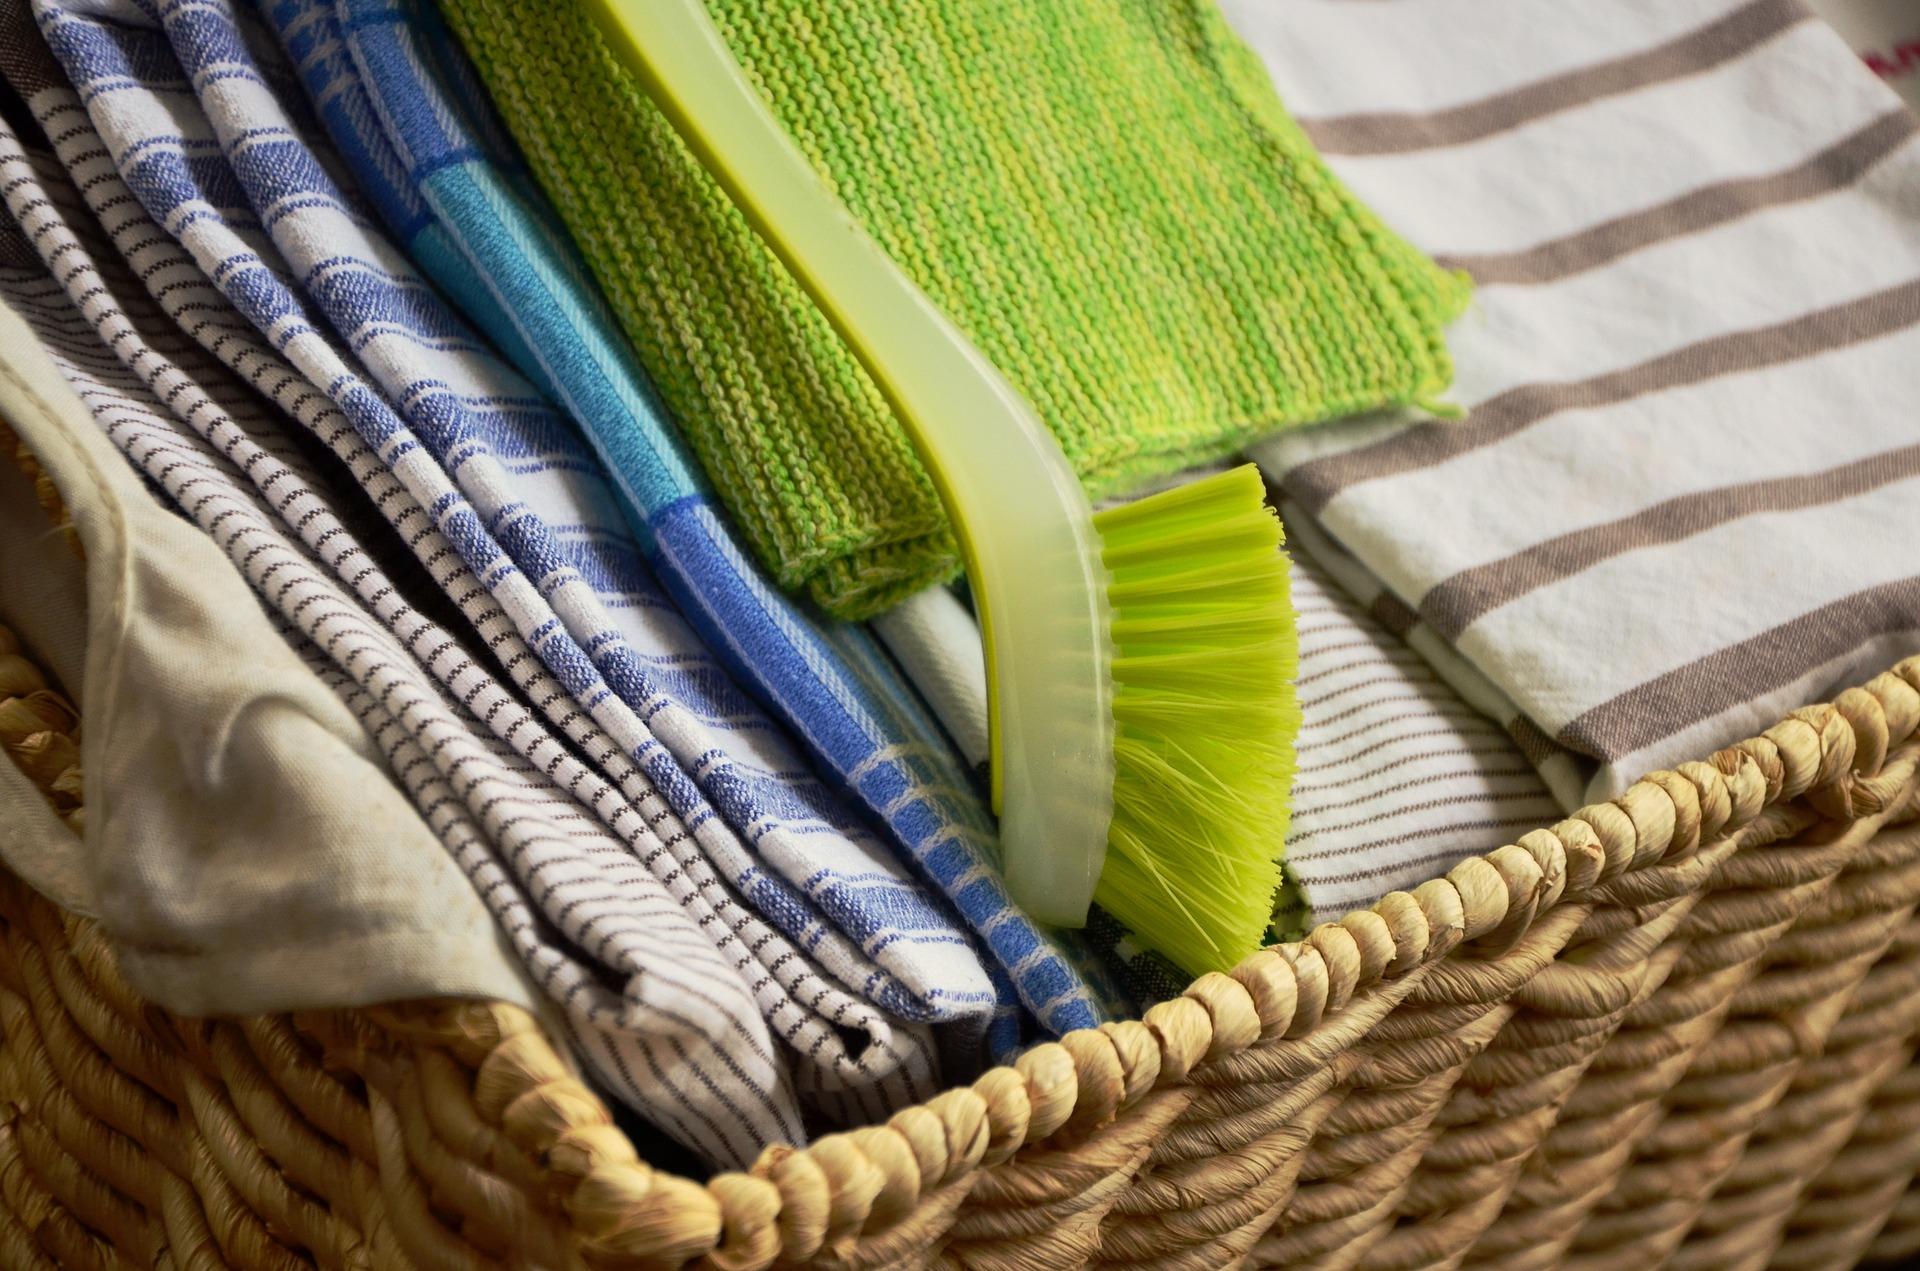 tea-towels-1424776_1920.jpg